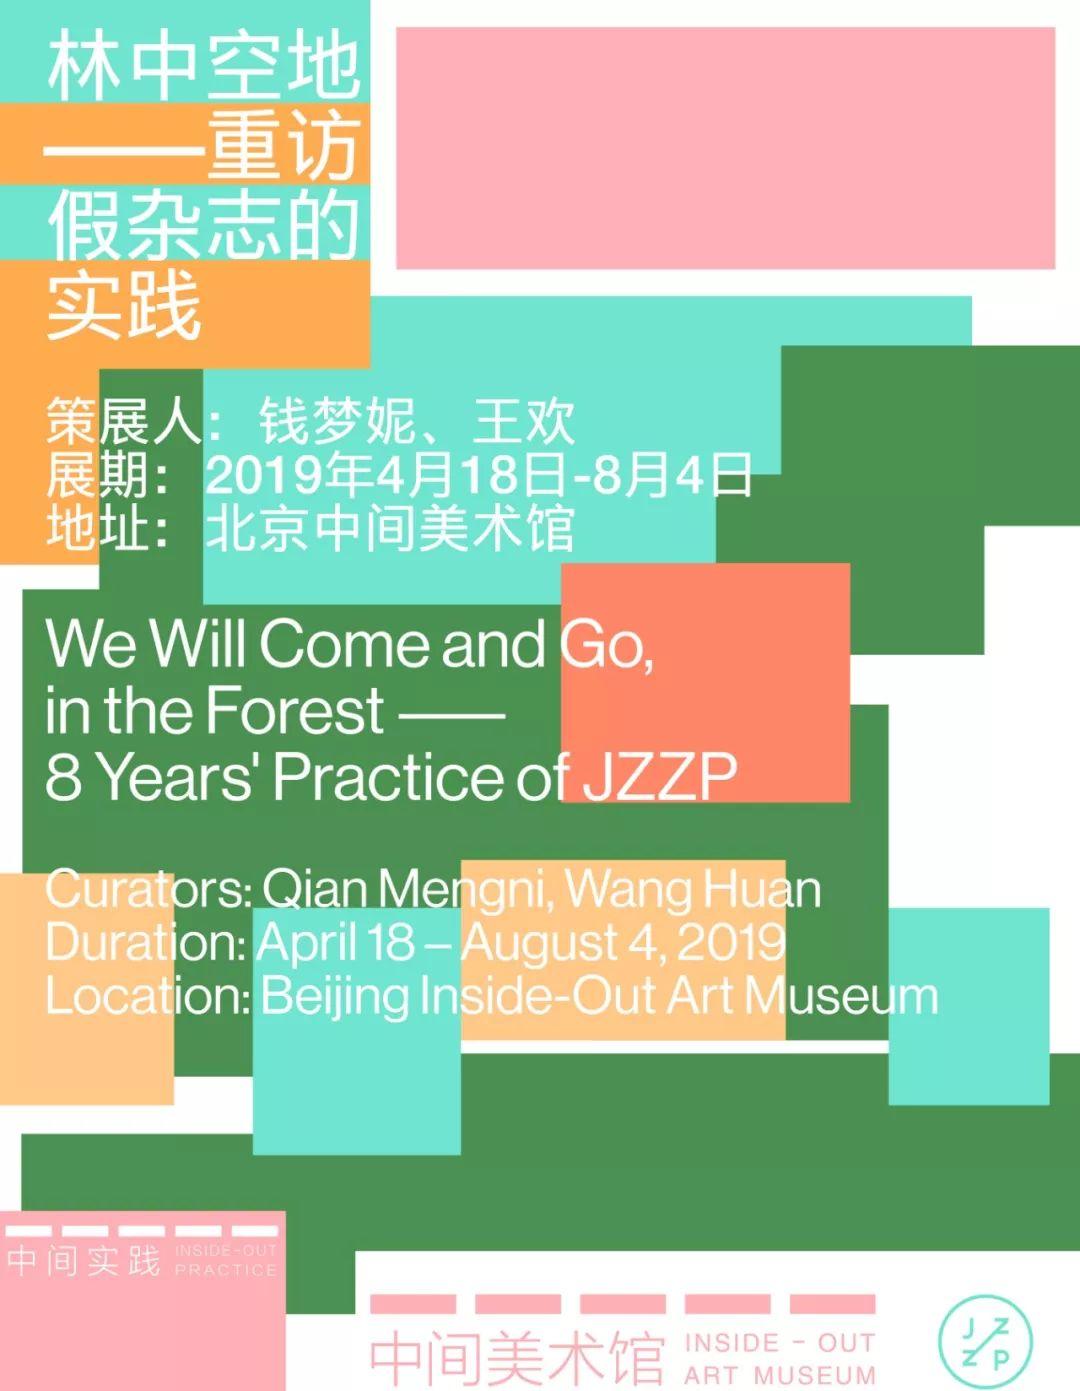 北京中间美术馆